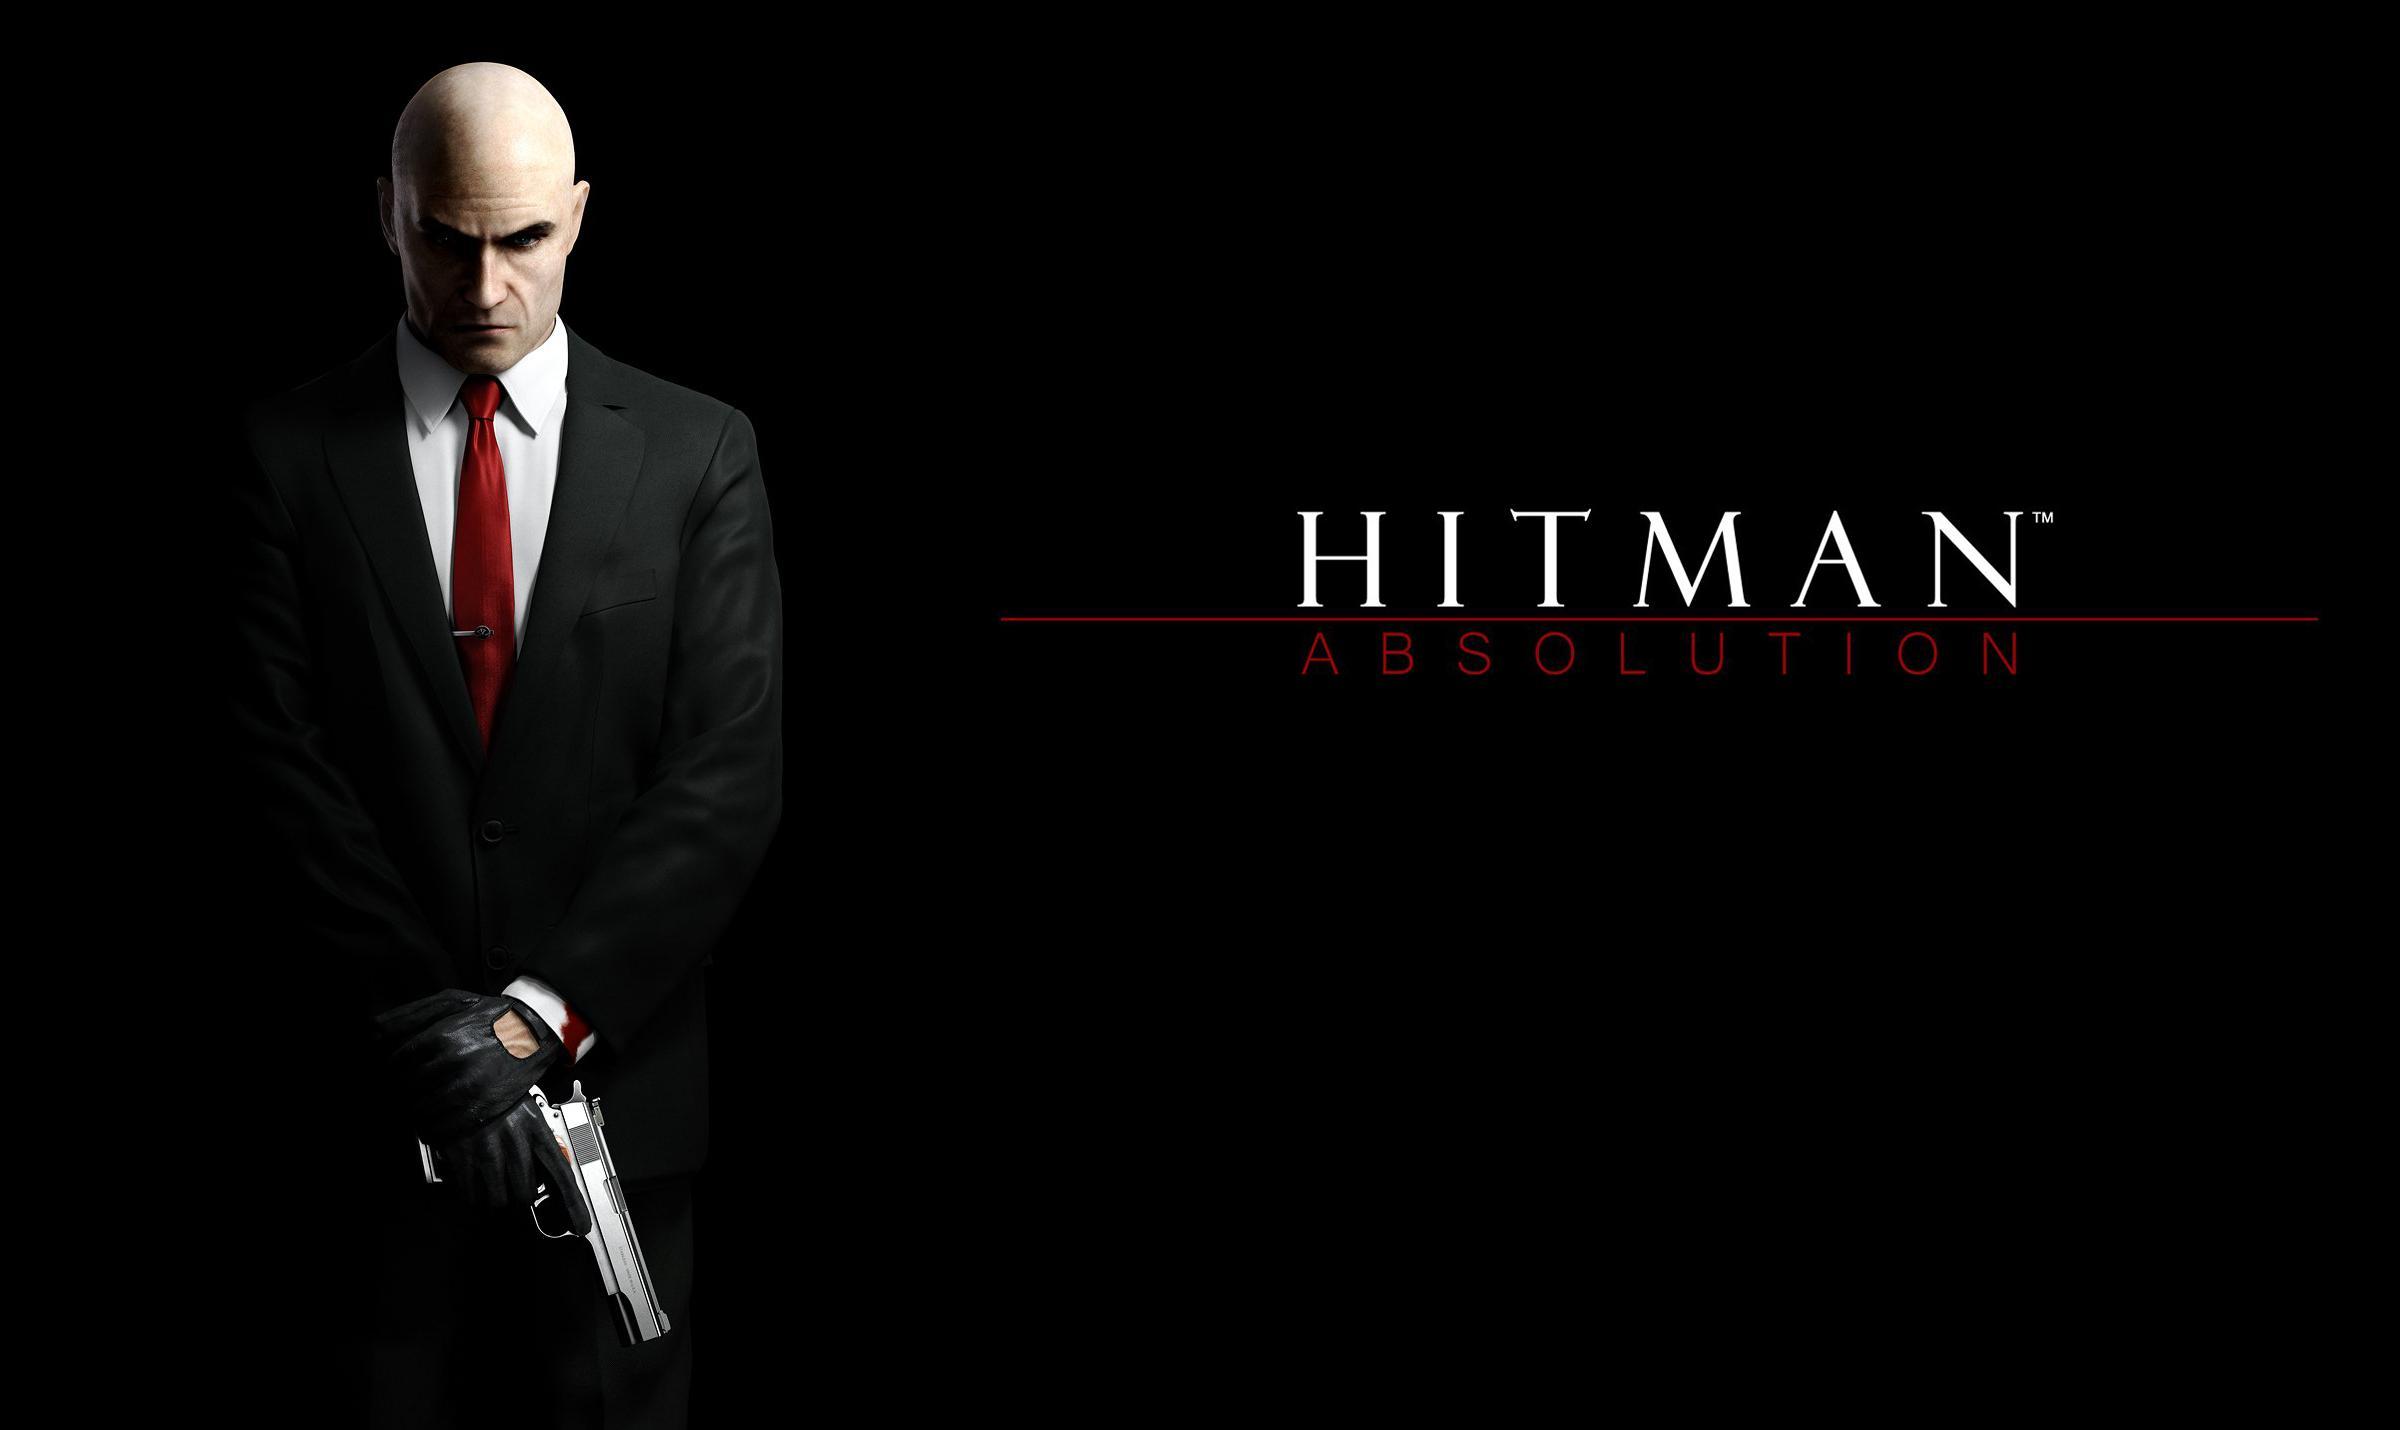 Hitman агент 47 скины кс го все скины на m4a4 в cs go